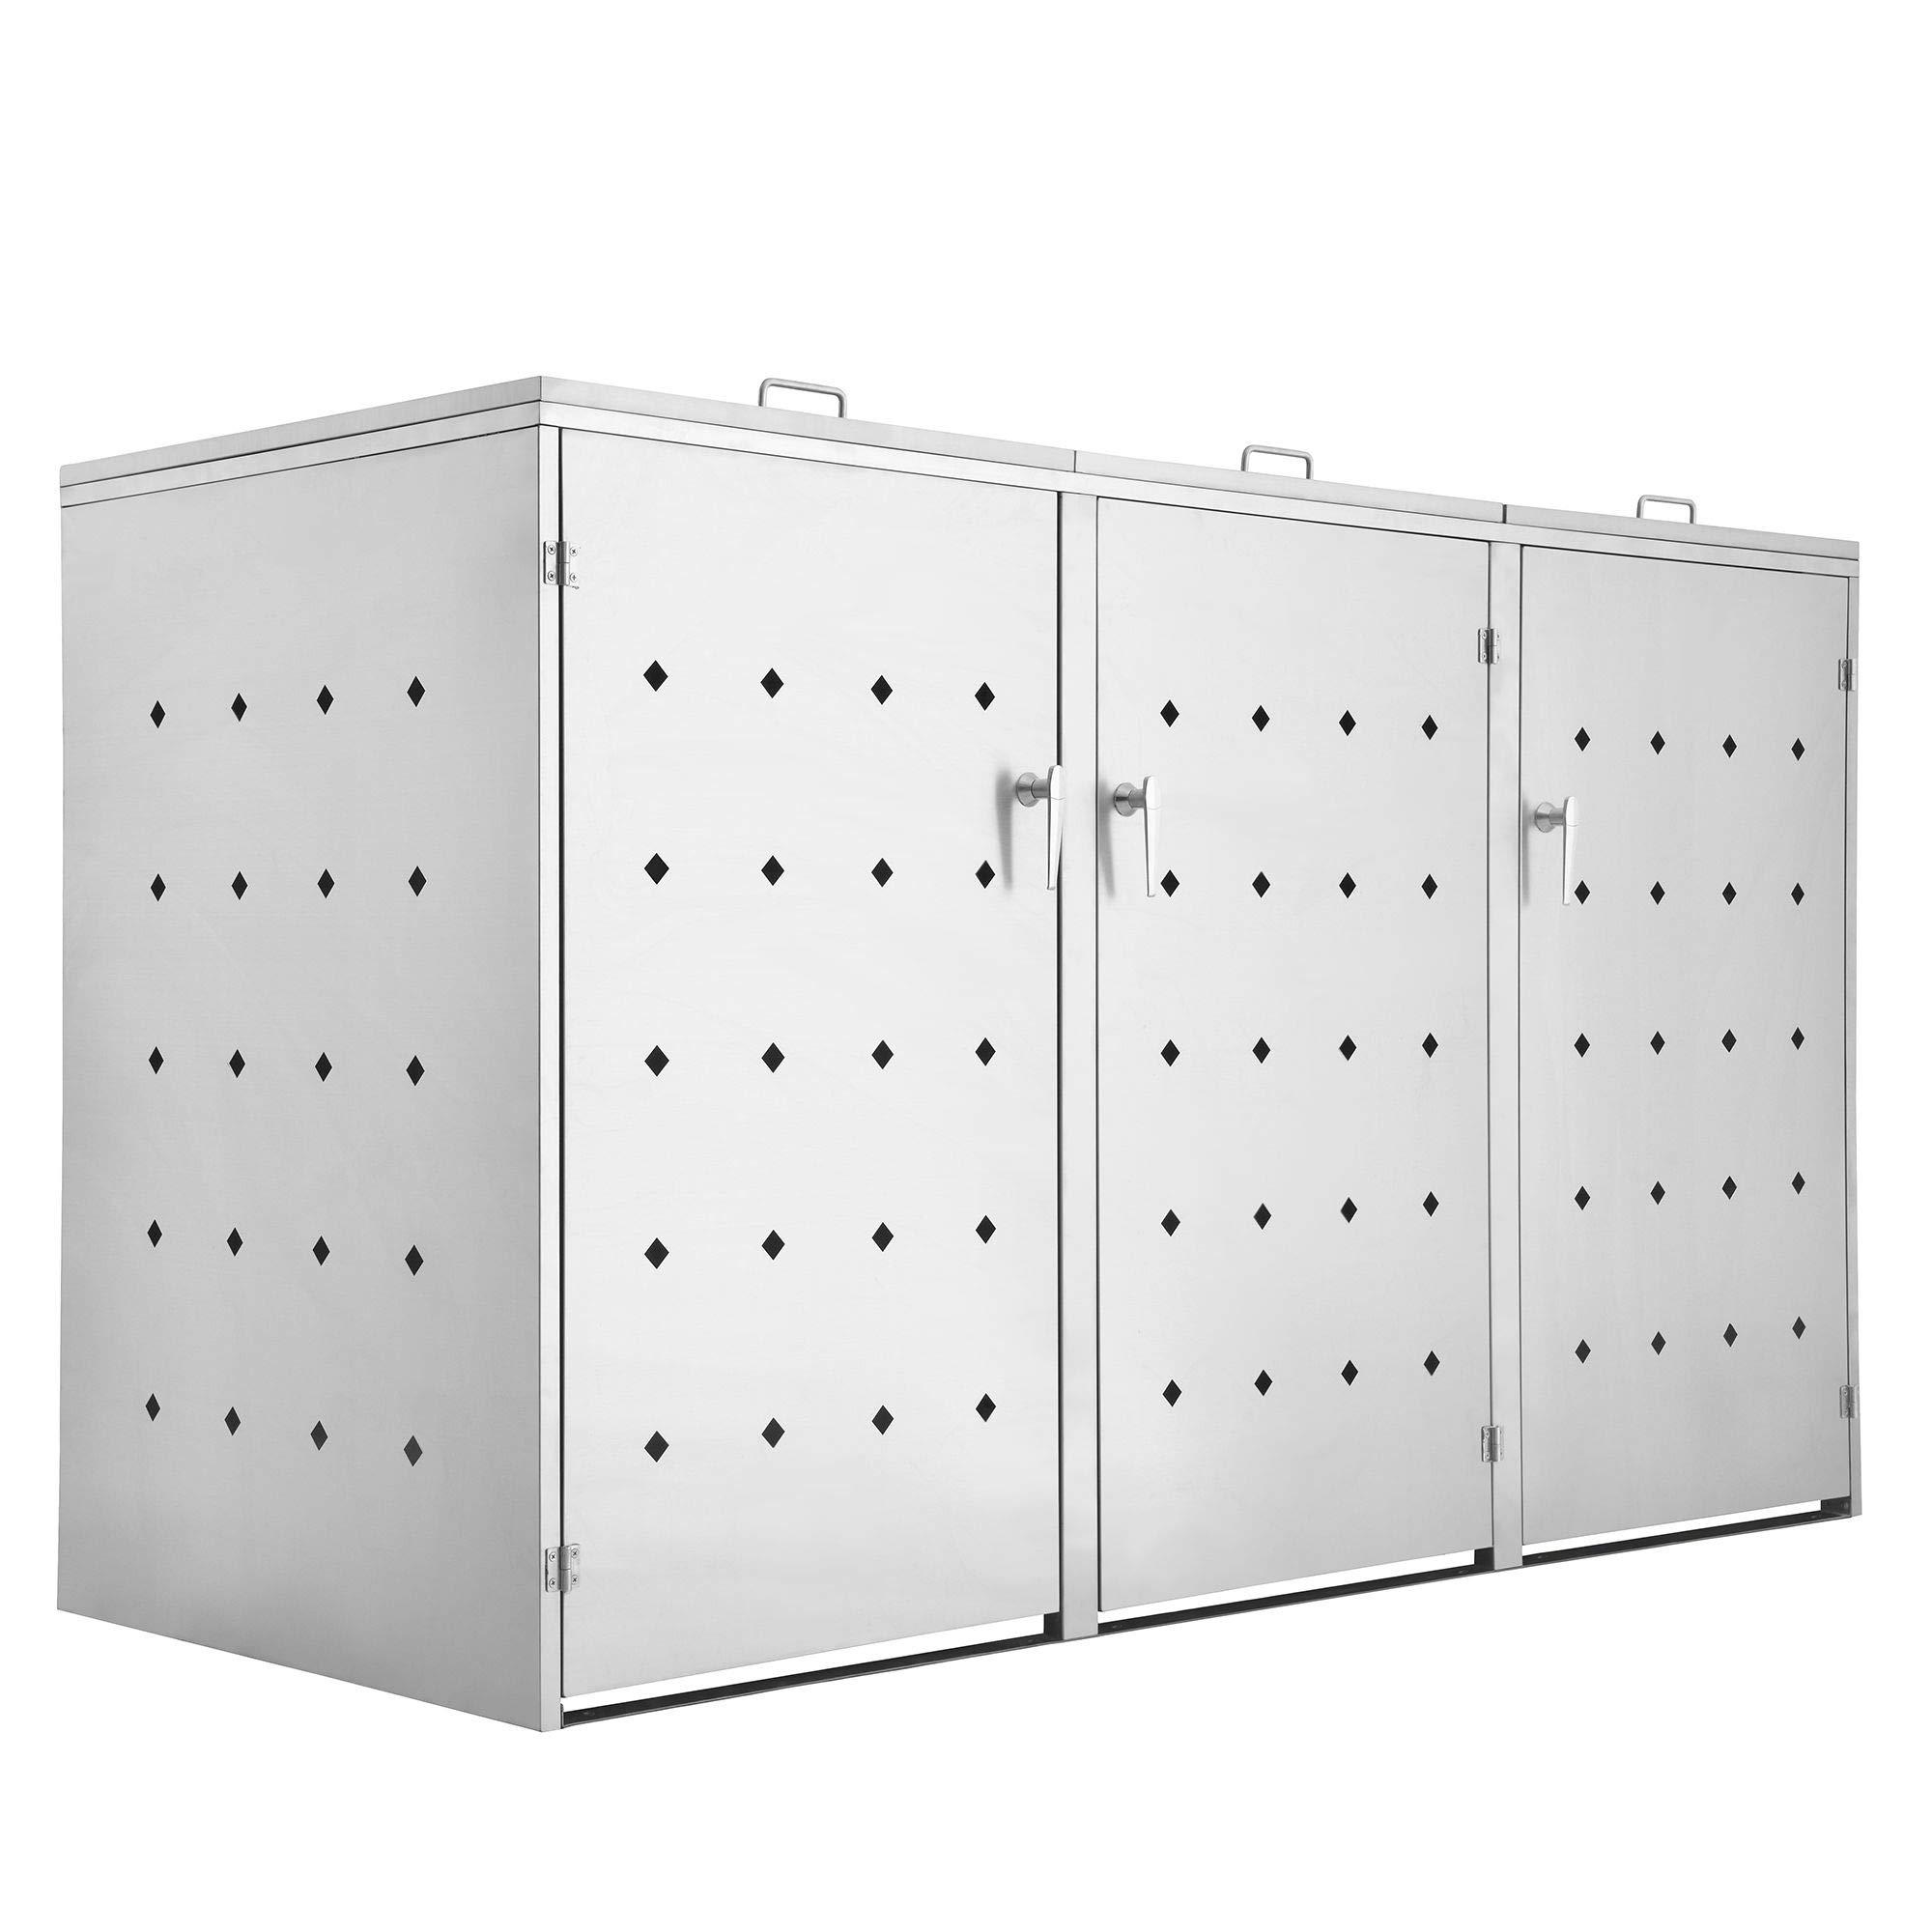 Zelsius Edelstahl Mülltonnenbox Rhombus für 3 Mülltonnen je 120 und/oder 240 Liter, Mülltonnenverkleidung mit 3 Klappdeckel, Metall Müllbox, abschließbar